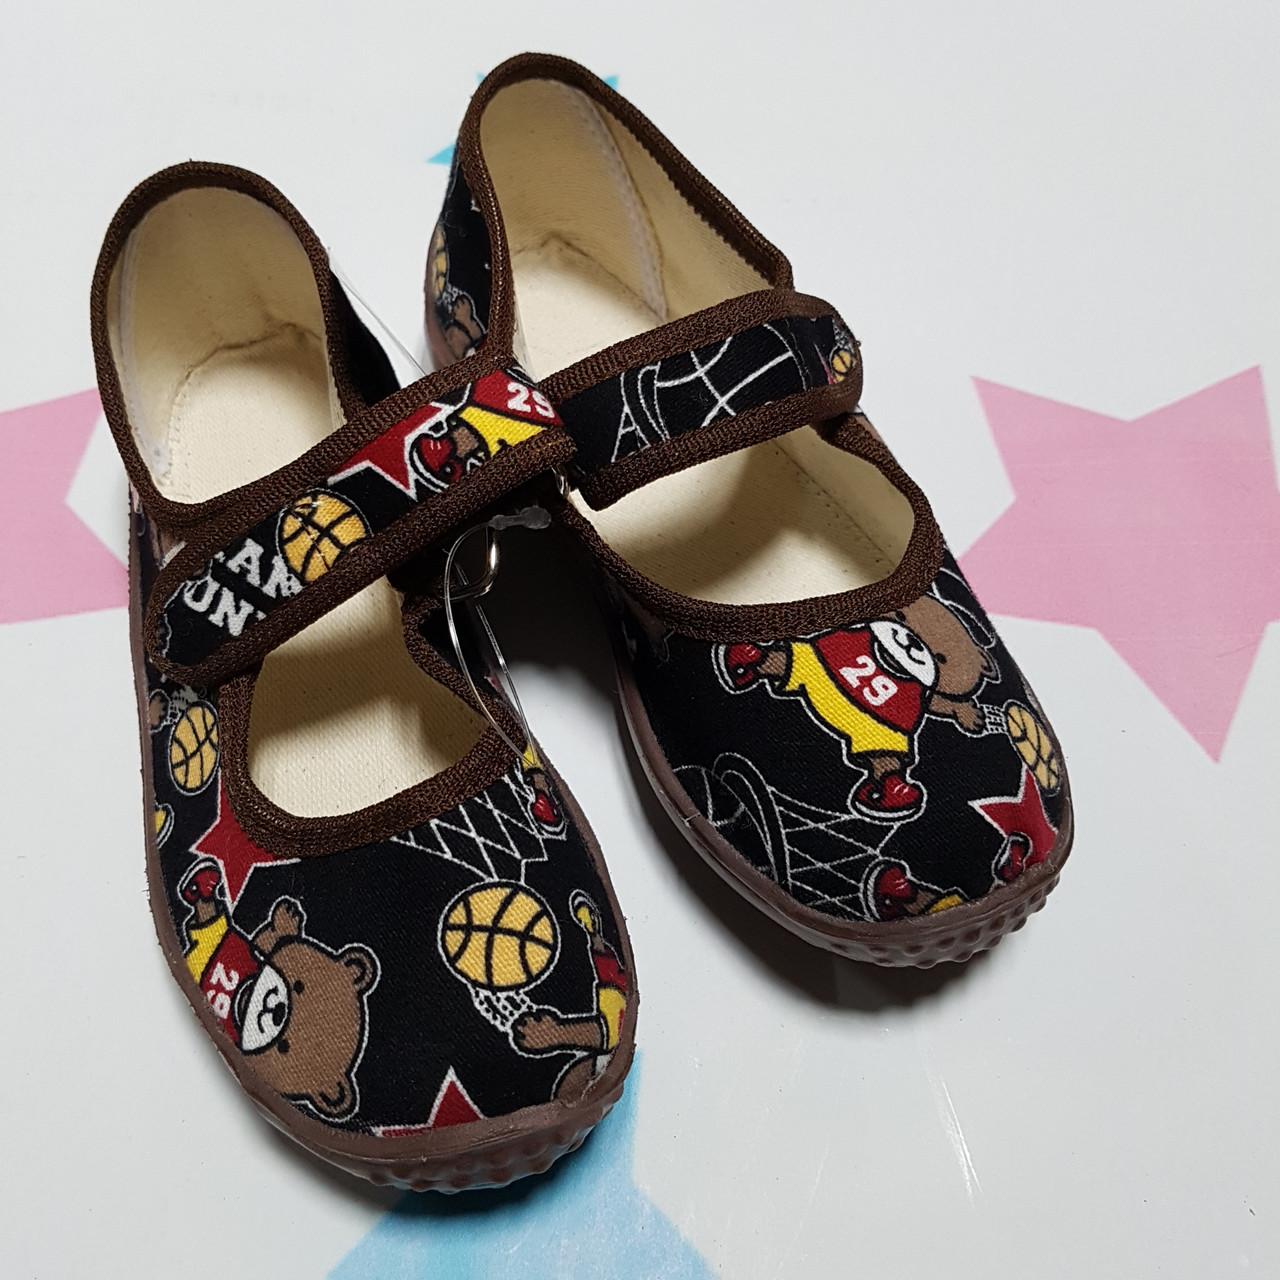 Тапочки оптом текстильные туфли для садика Vitaliya Виталия Украина размер с 25,5 по 27